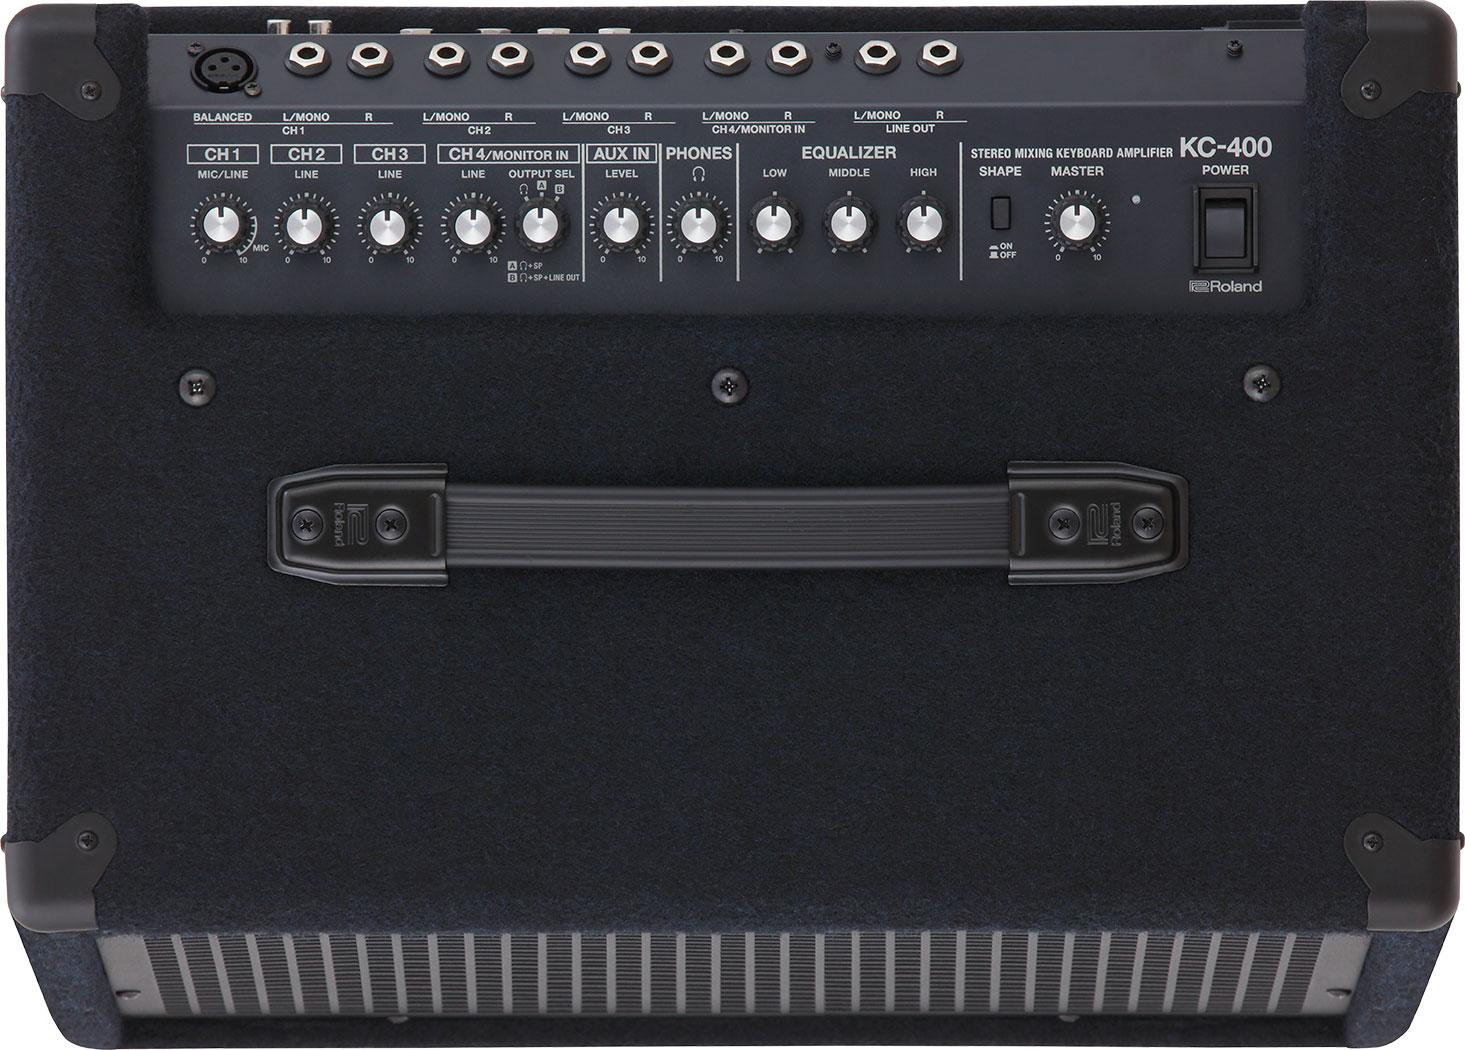 KC-400 Keyboard Amplifier